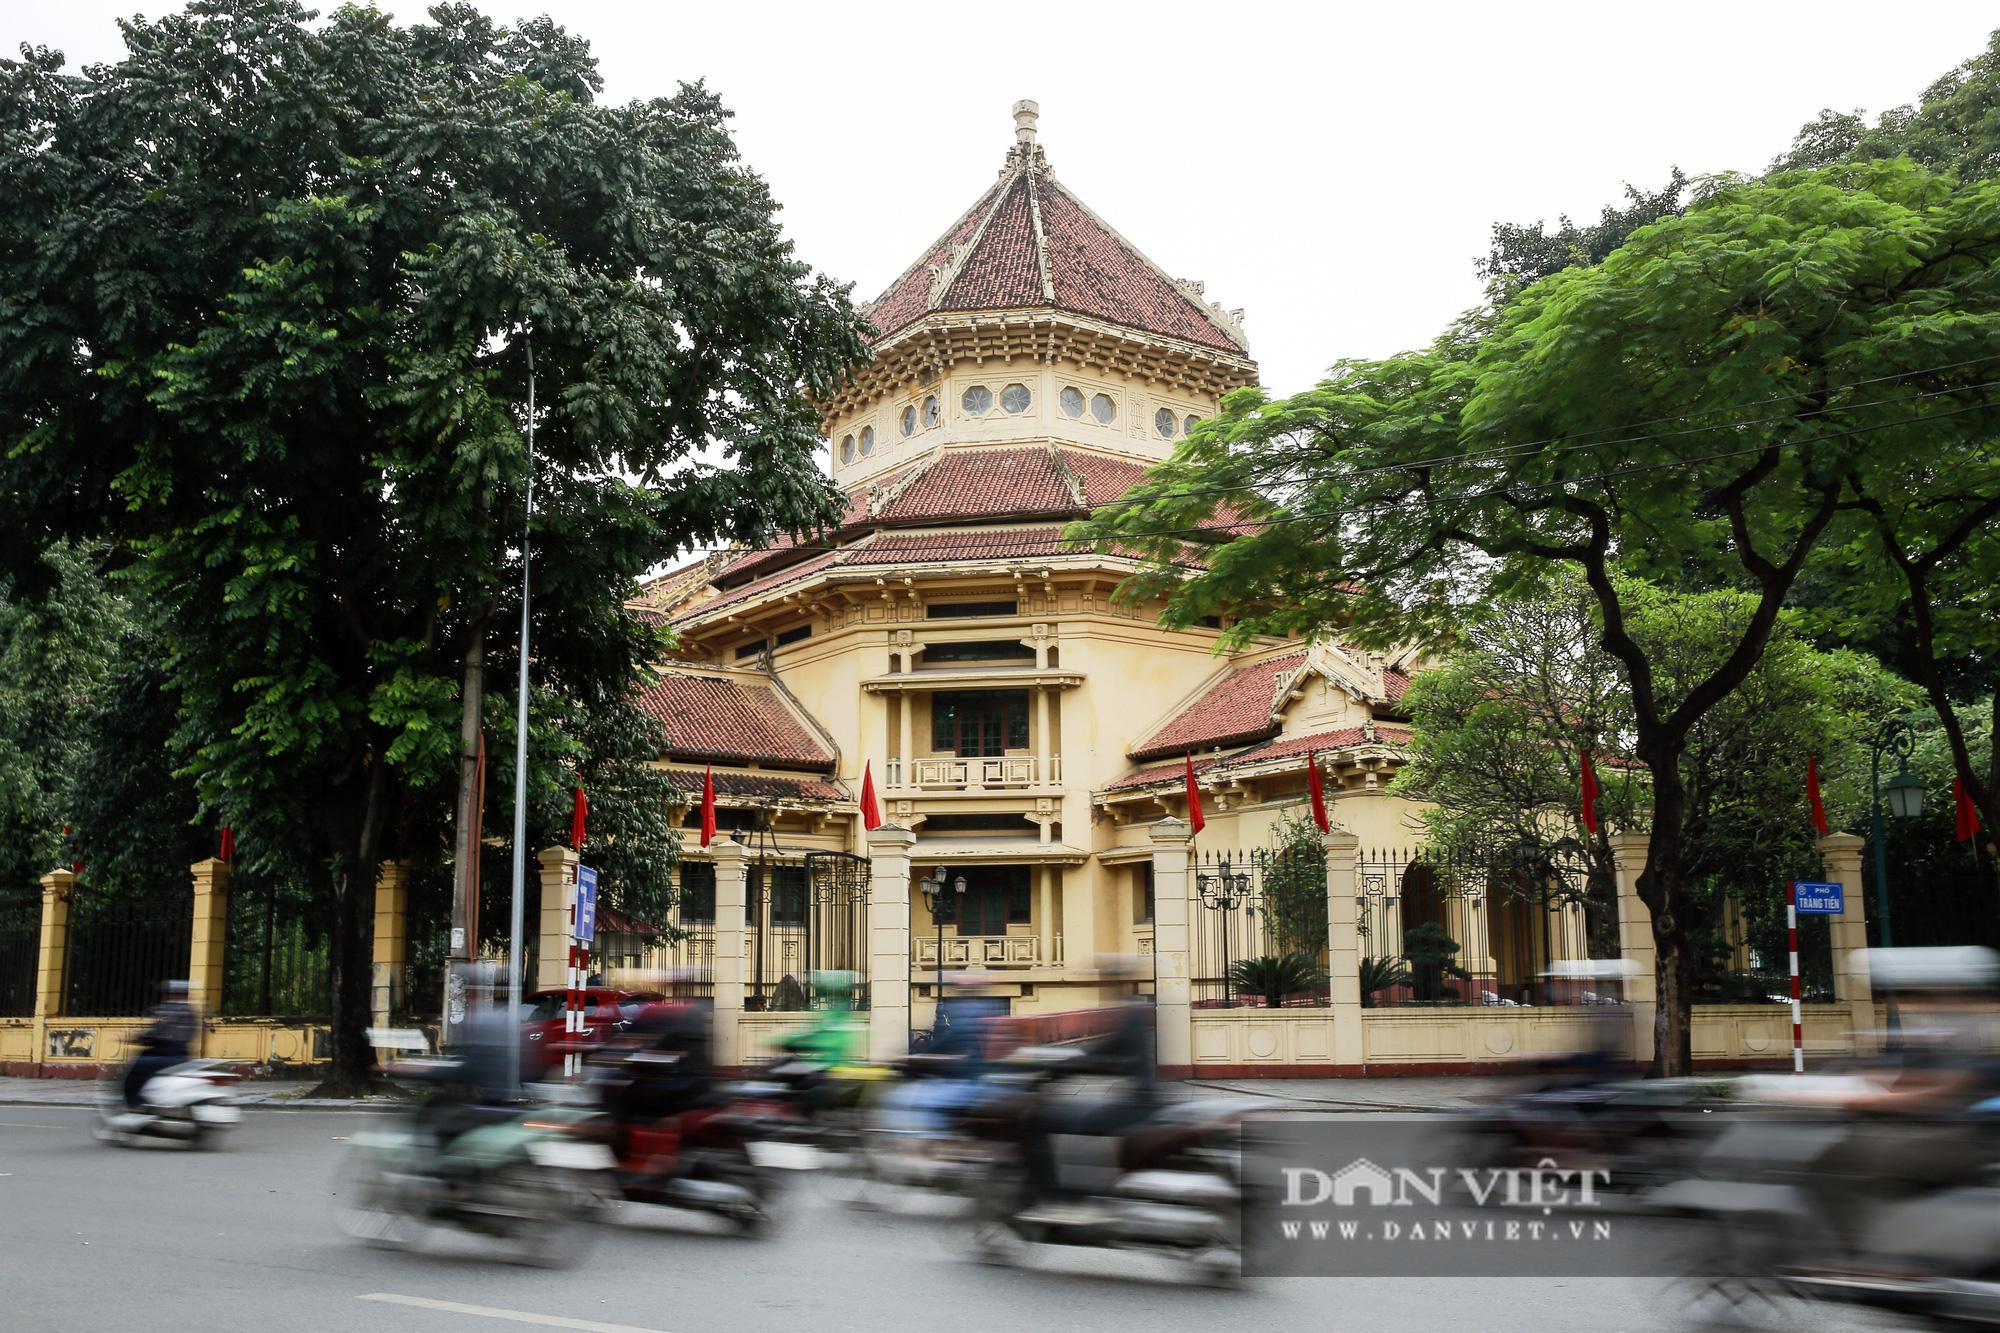 10 công trình kiến trúc Pháp cổ tuyệt đẹp tại Hà Nội - Ảnh 10.